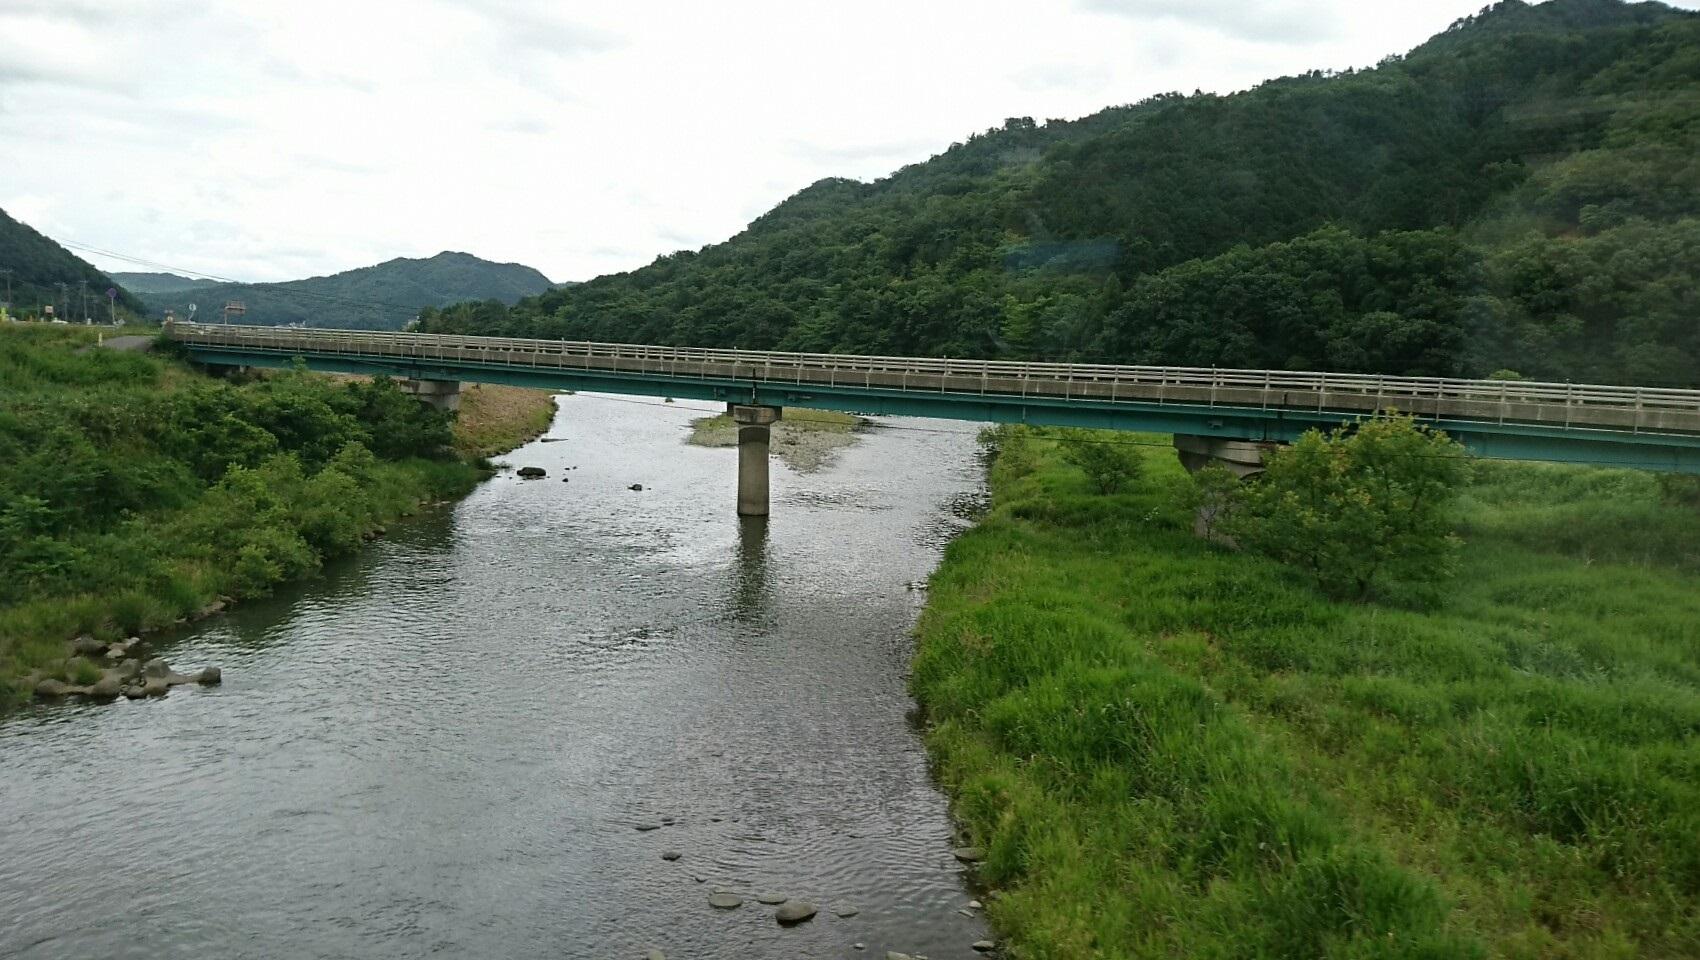 2017.6.3 豊岡 (52) こうのとり5号 - やま 1700-960